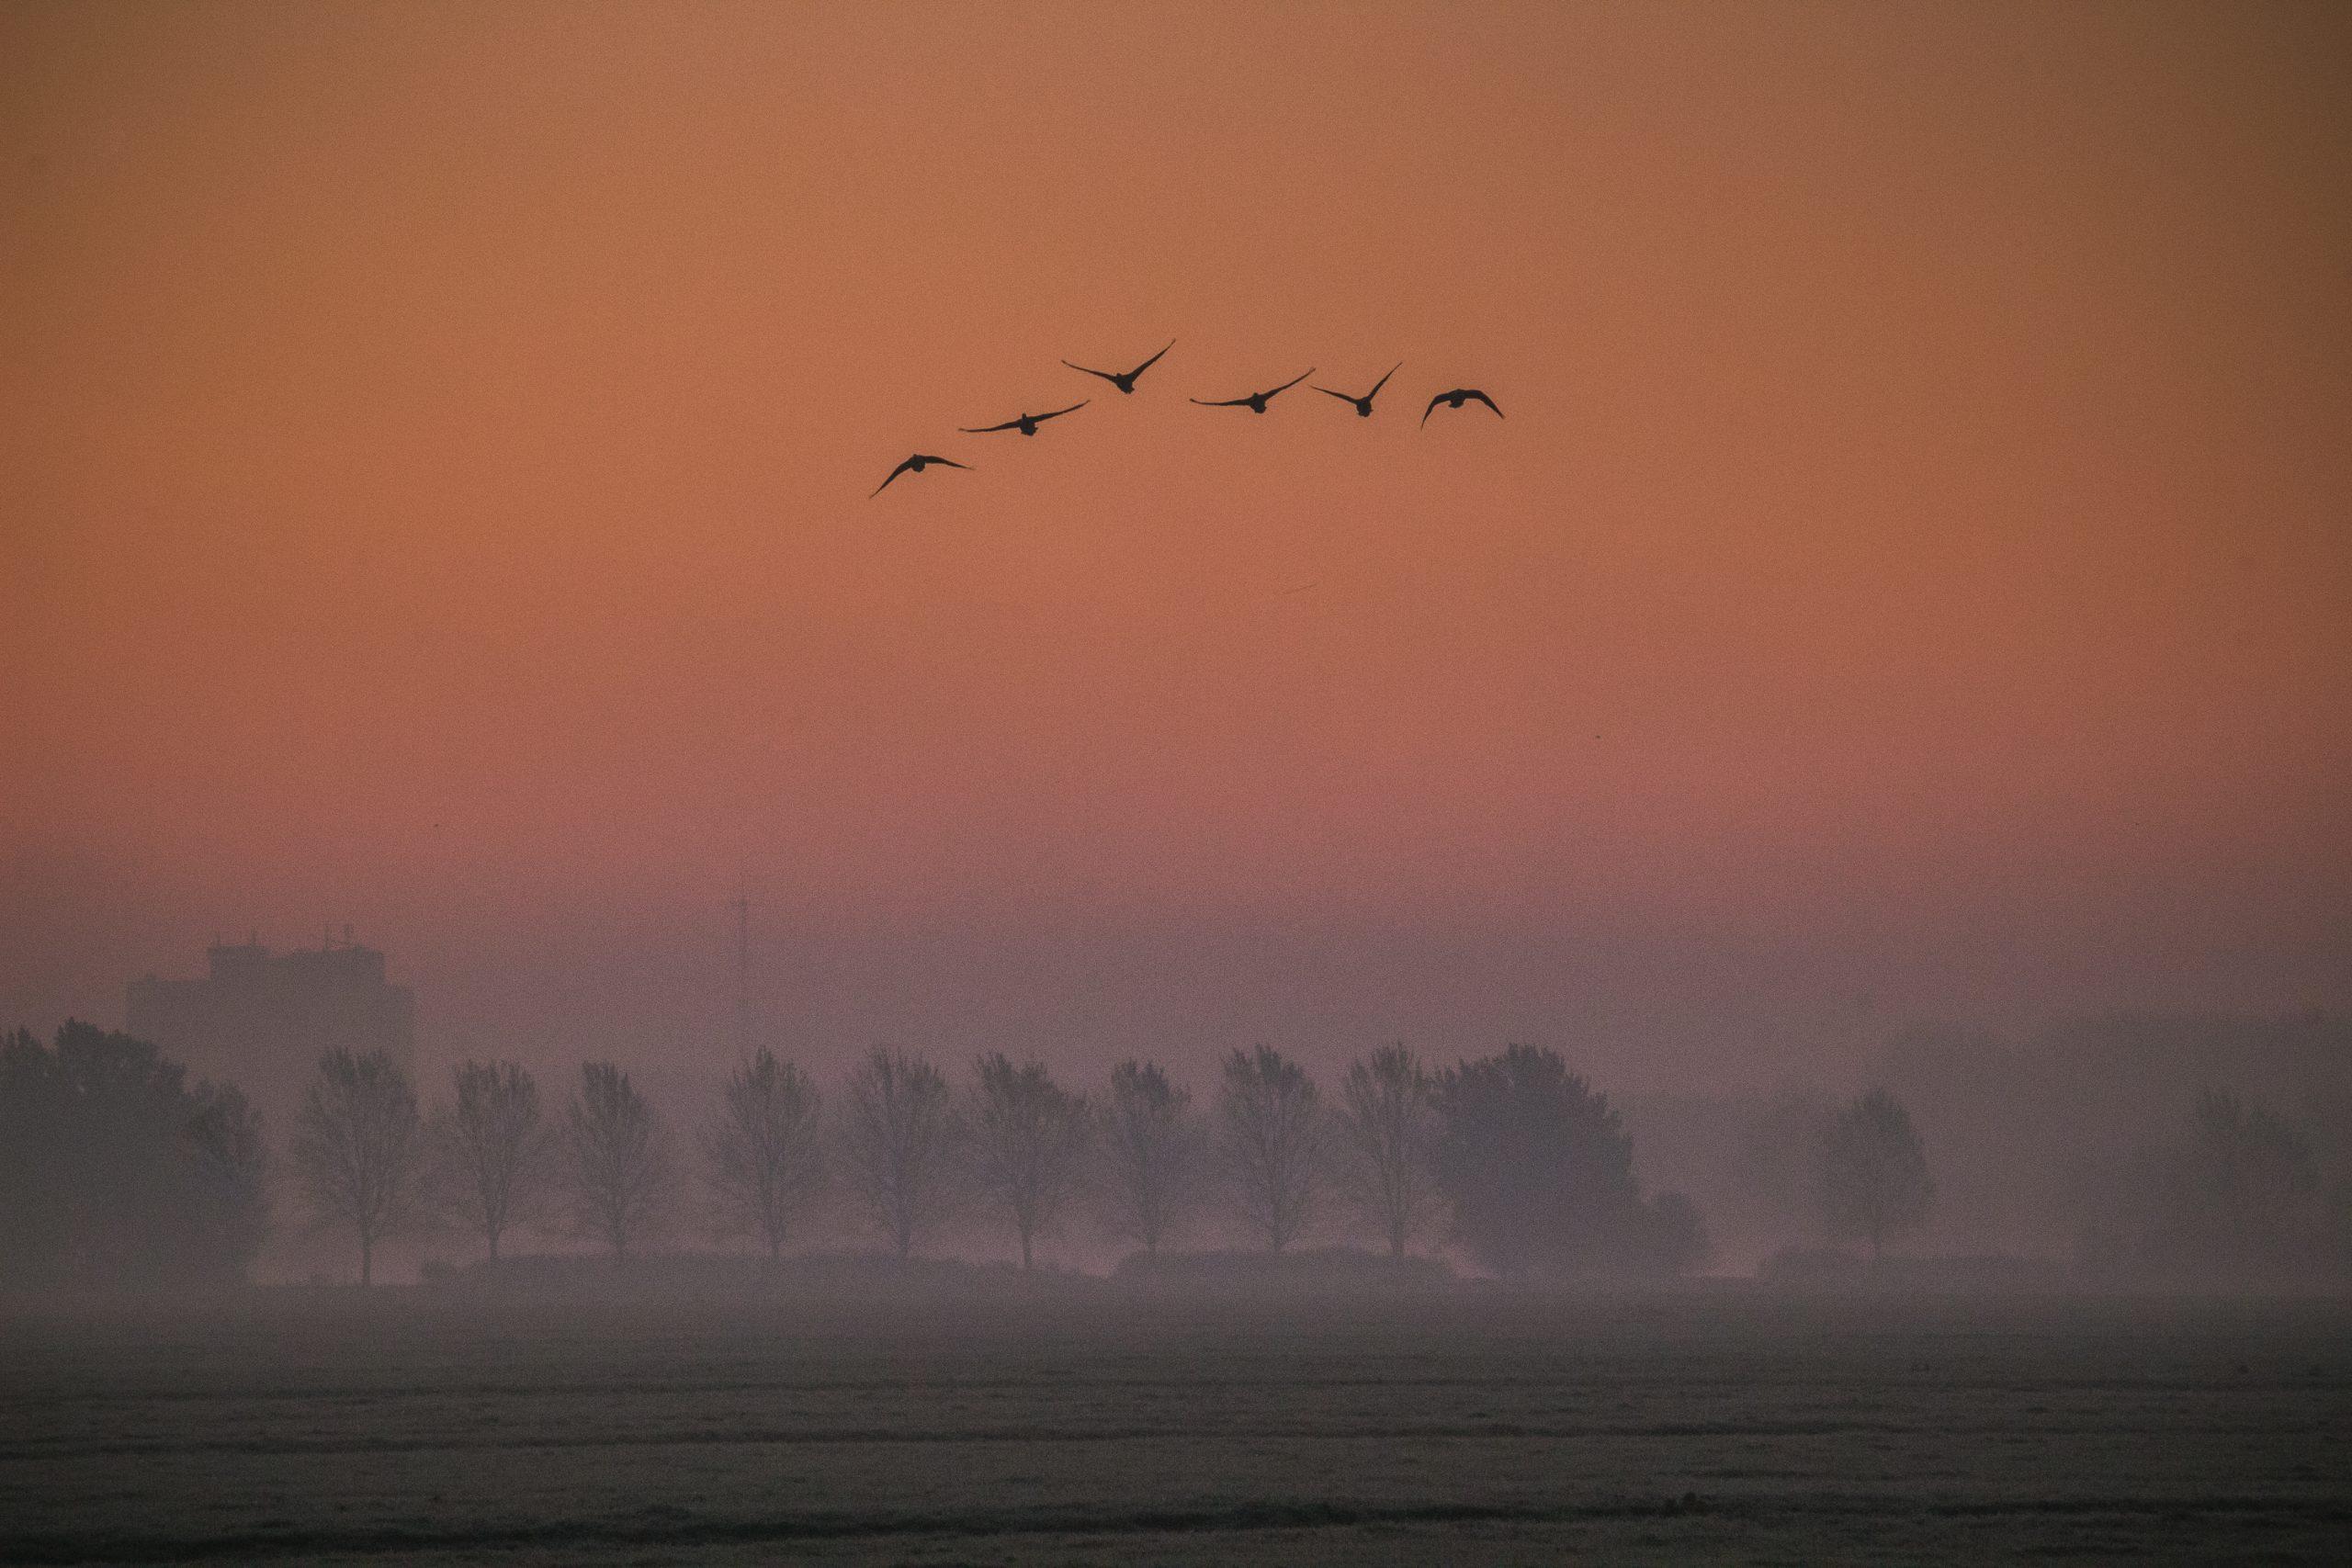 Nummer 6 Fotowedstrijd IJsselstein 2019 - Daphne Hauer - Zonsopkomst vanuit het IJsselsteinse Bos